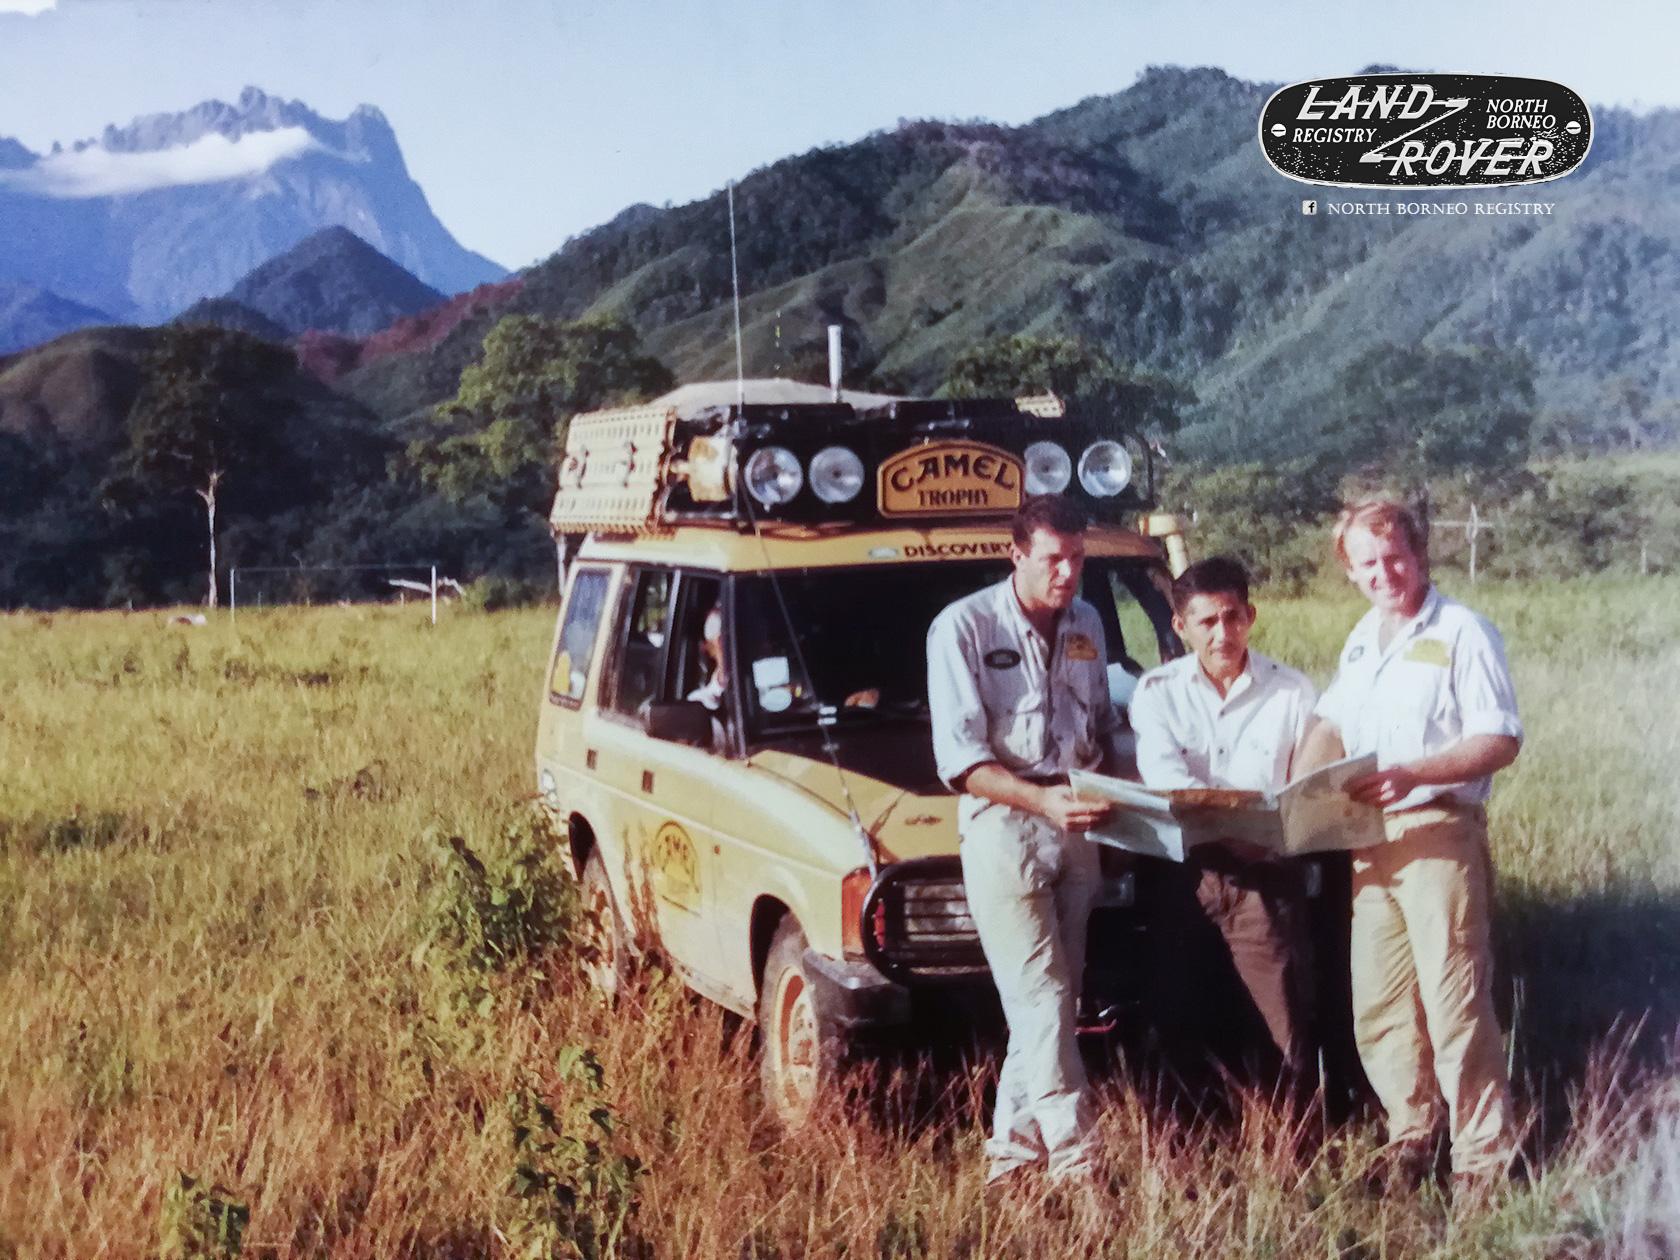 tengku adlin & the sabah camel trophy 1993 | john kong